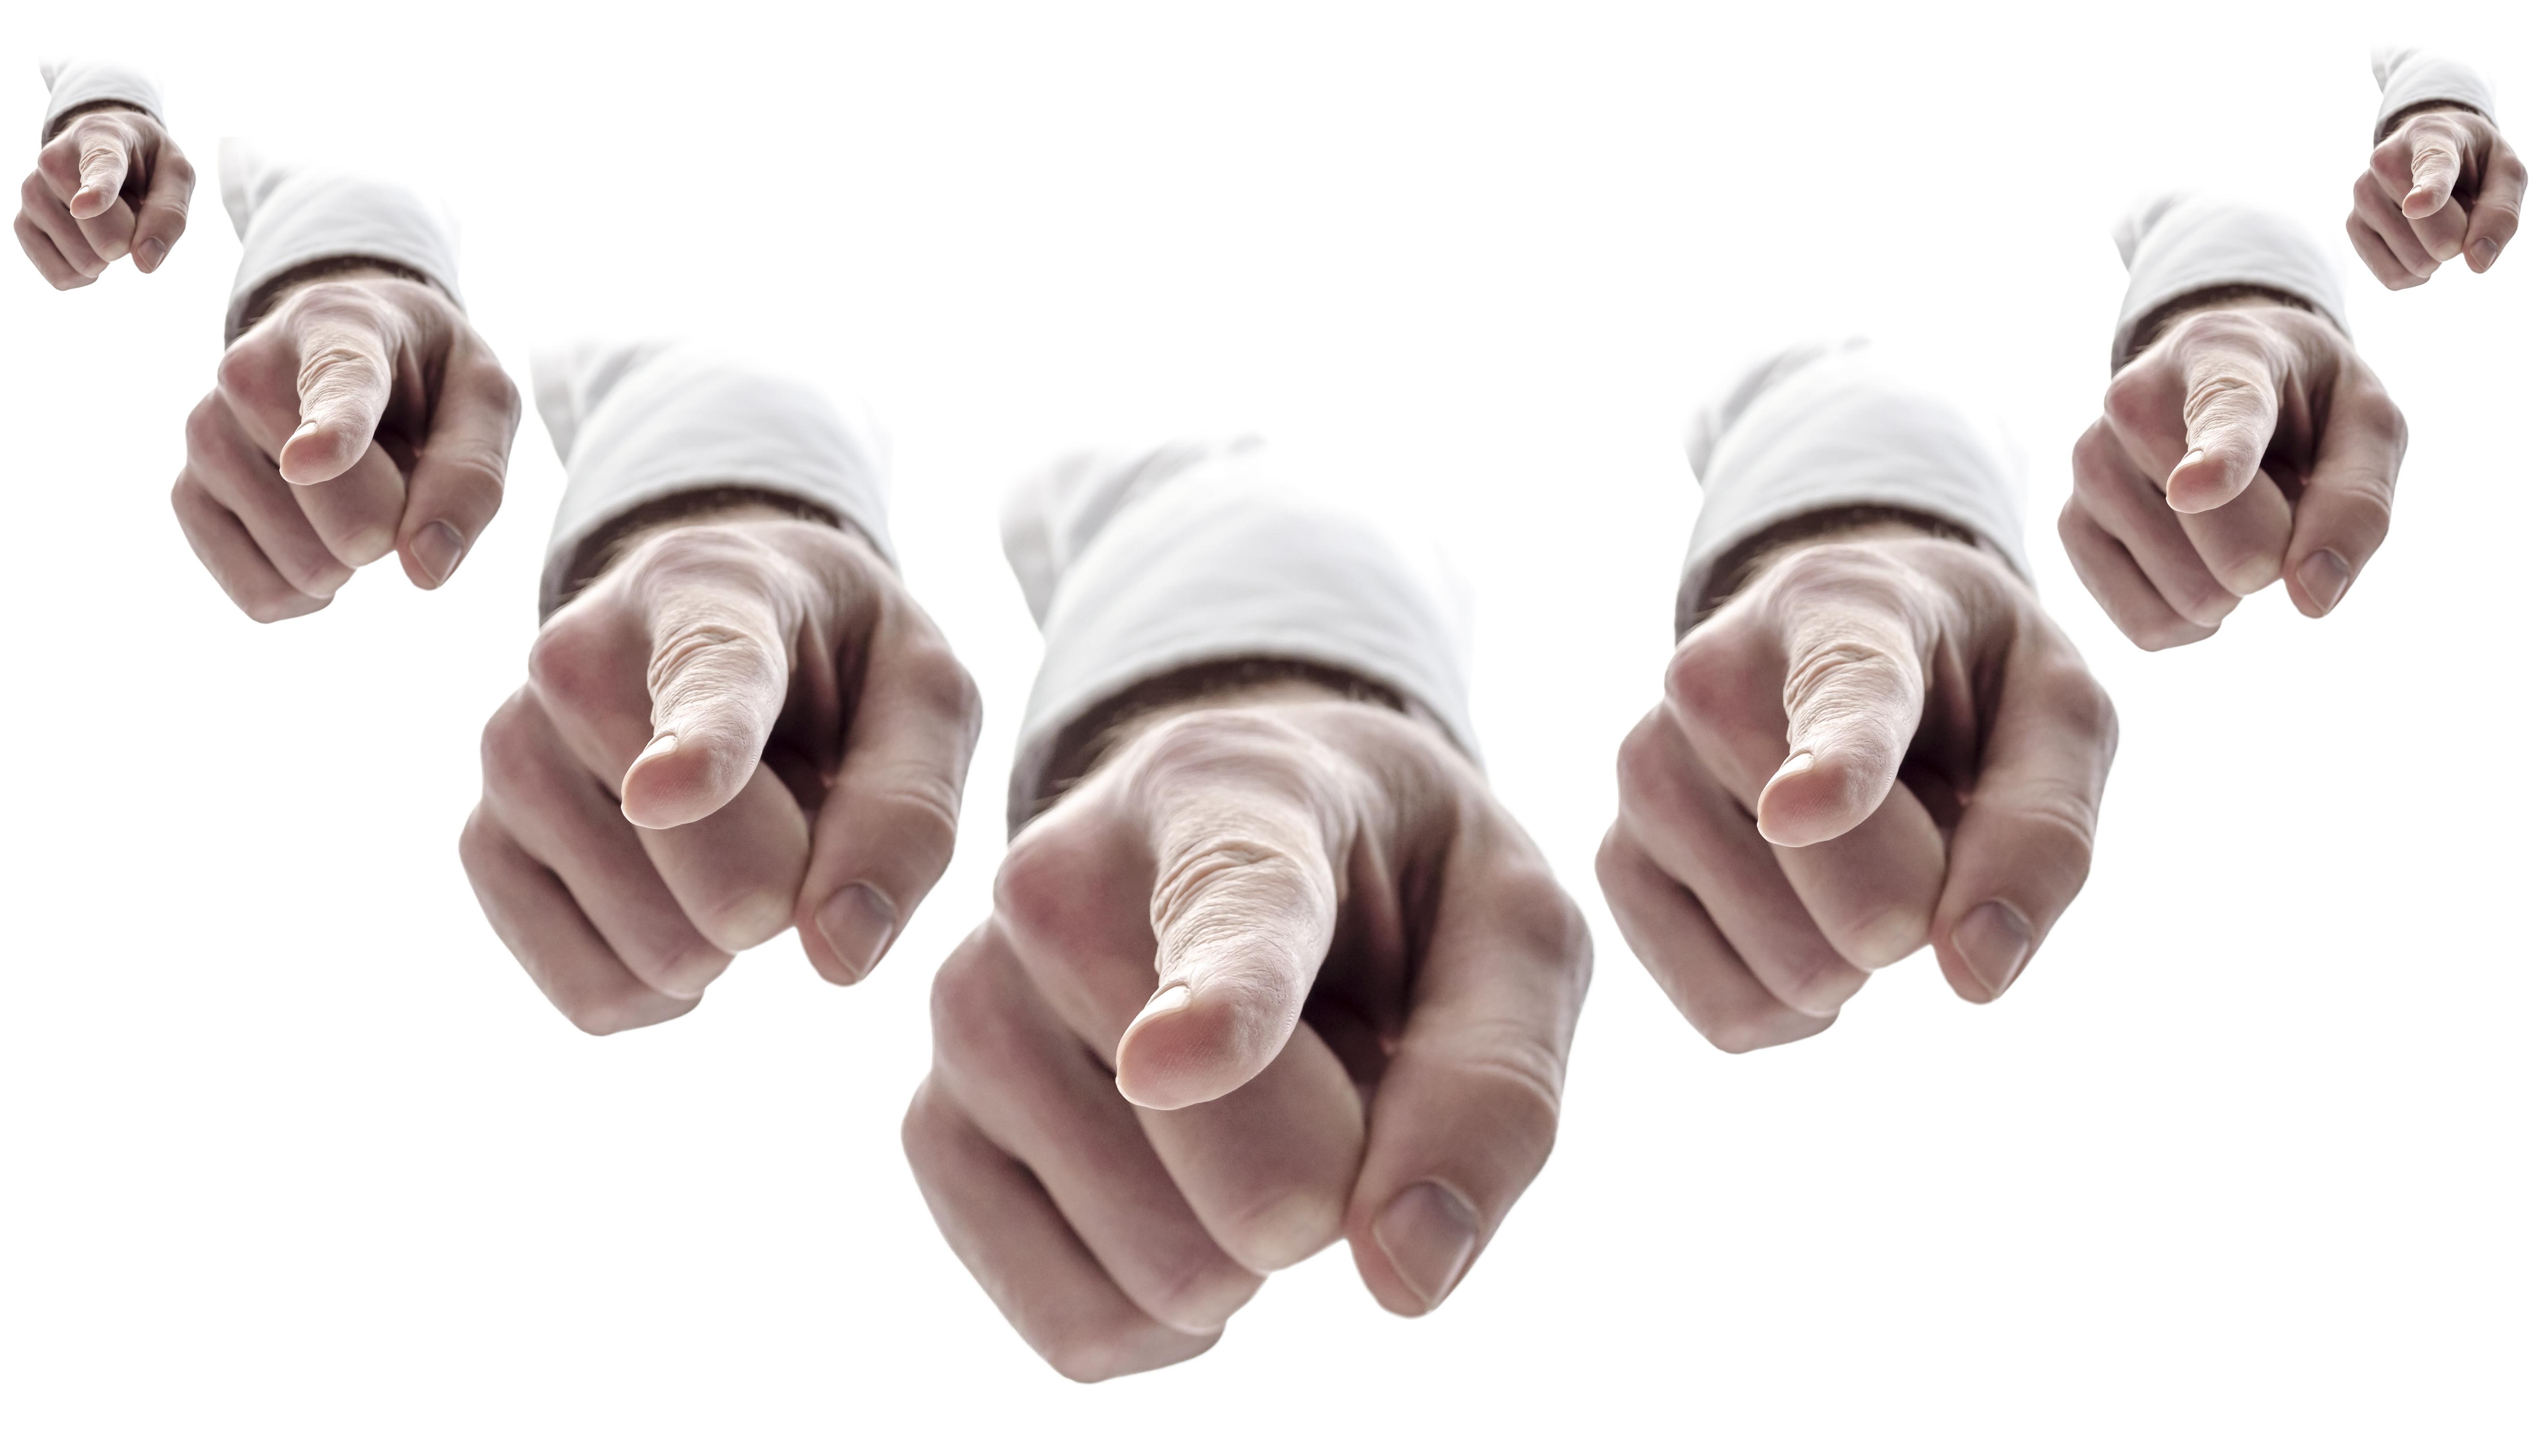 fingers gloryholes